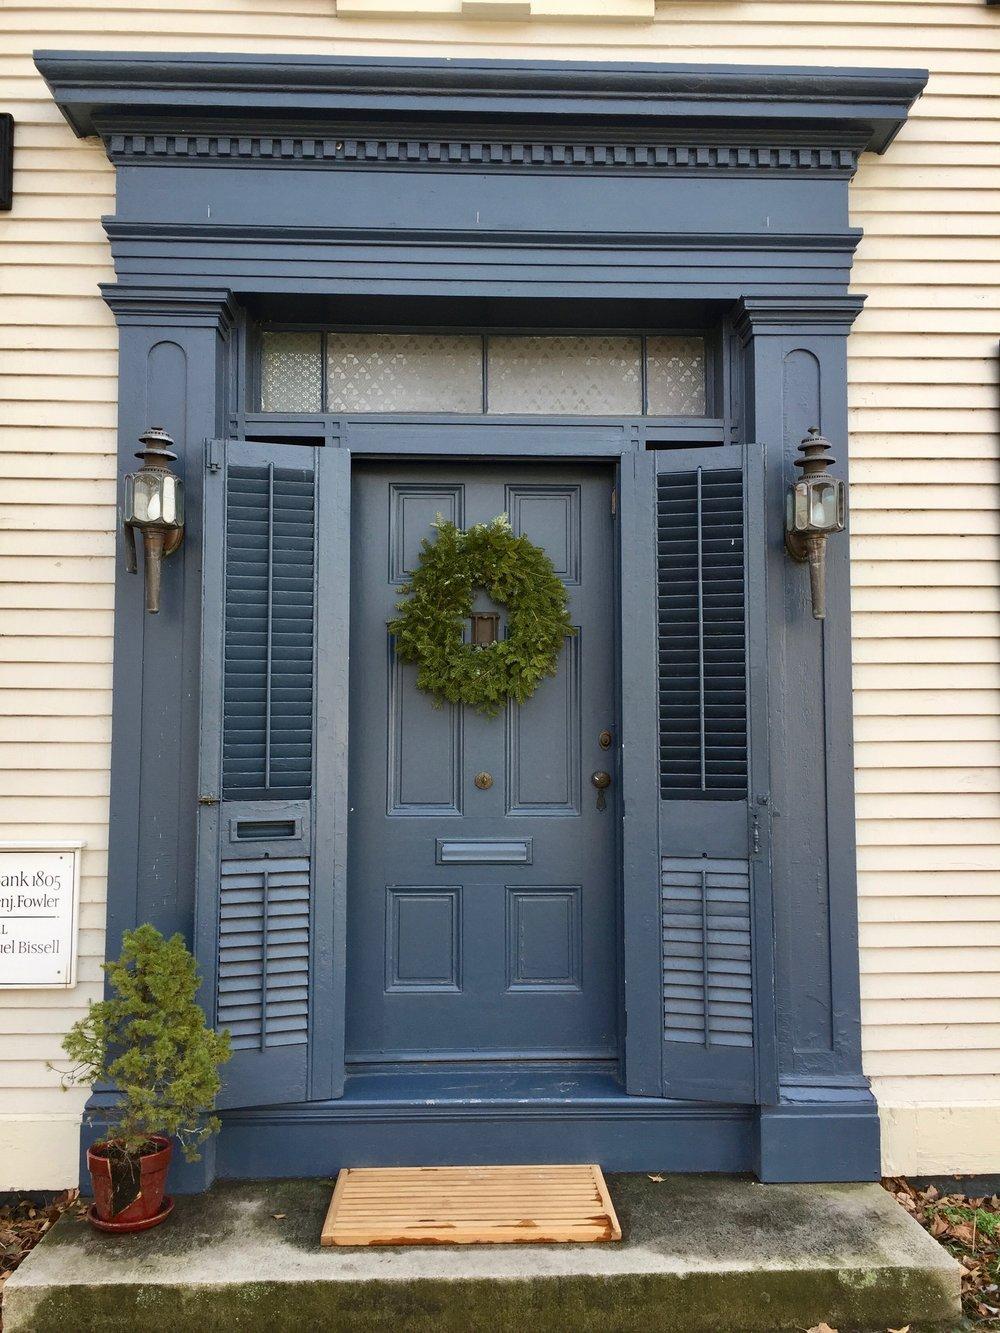 Front door antique home Wickford Rhode Island